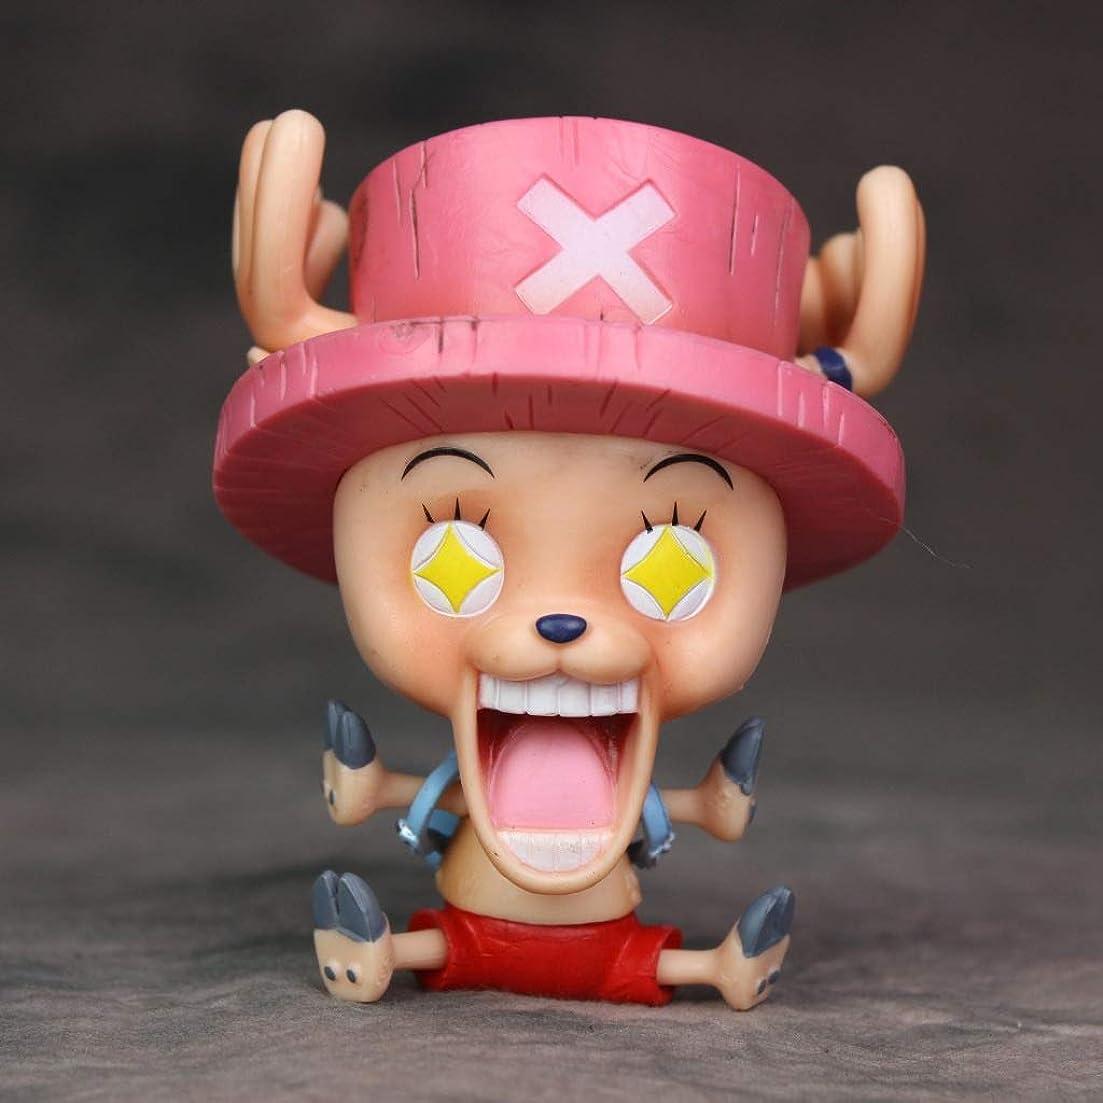 教師の日ゲート火曜日サプライズチョバ、アニメワンピースモデル、子供のおもちゃコレクション像、卓上装飾玩具像玩具モデルPVC(11cm) JSFQ